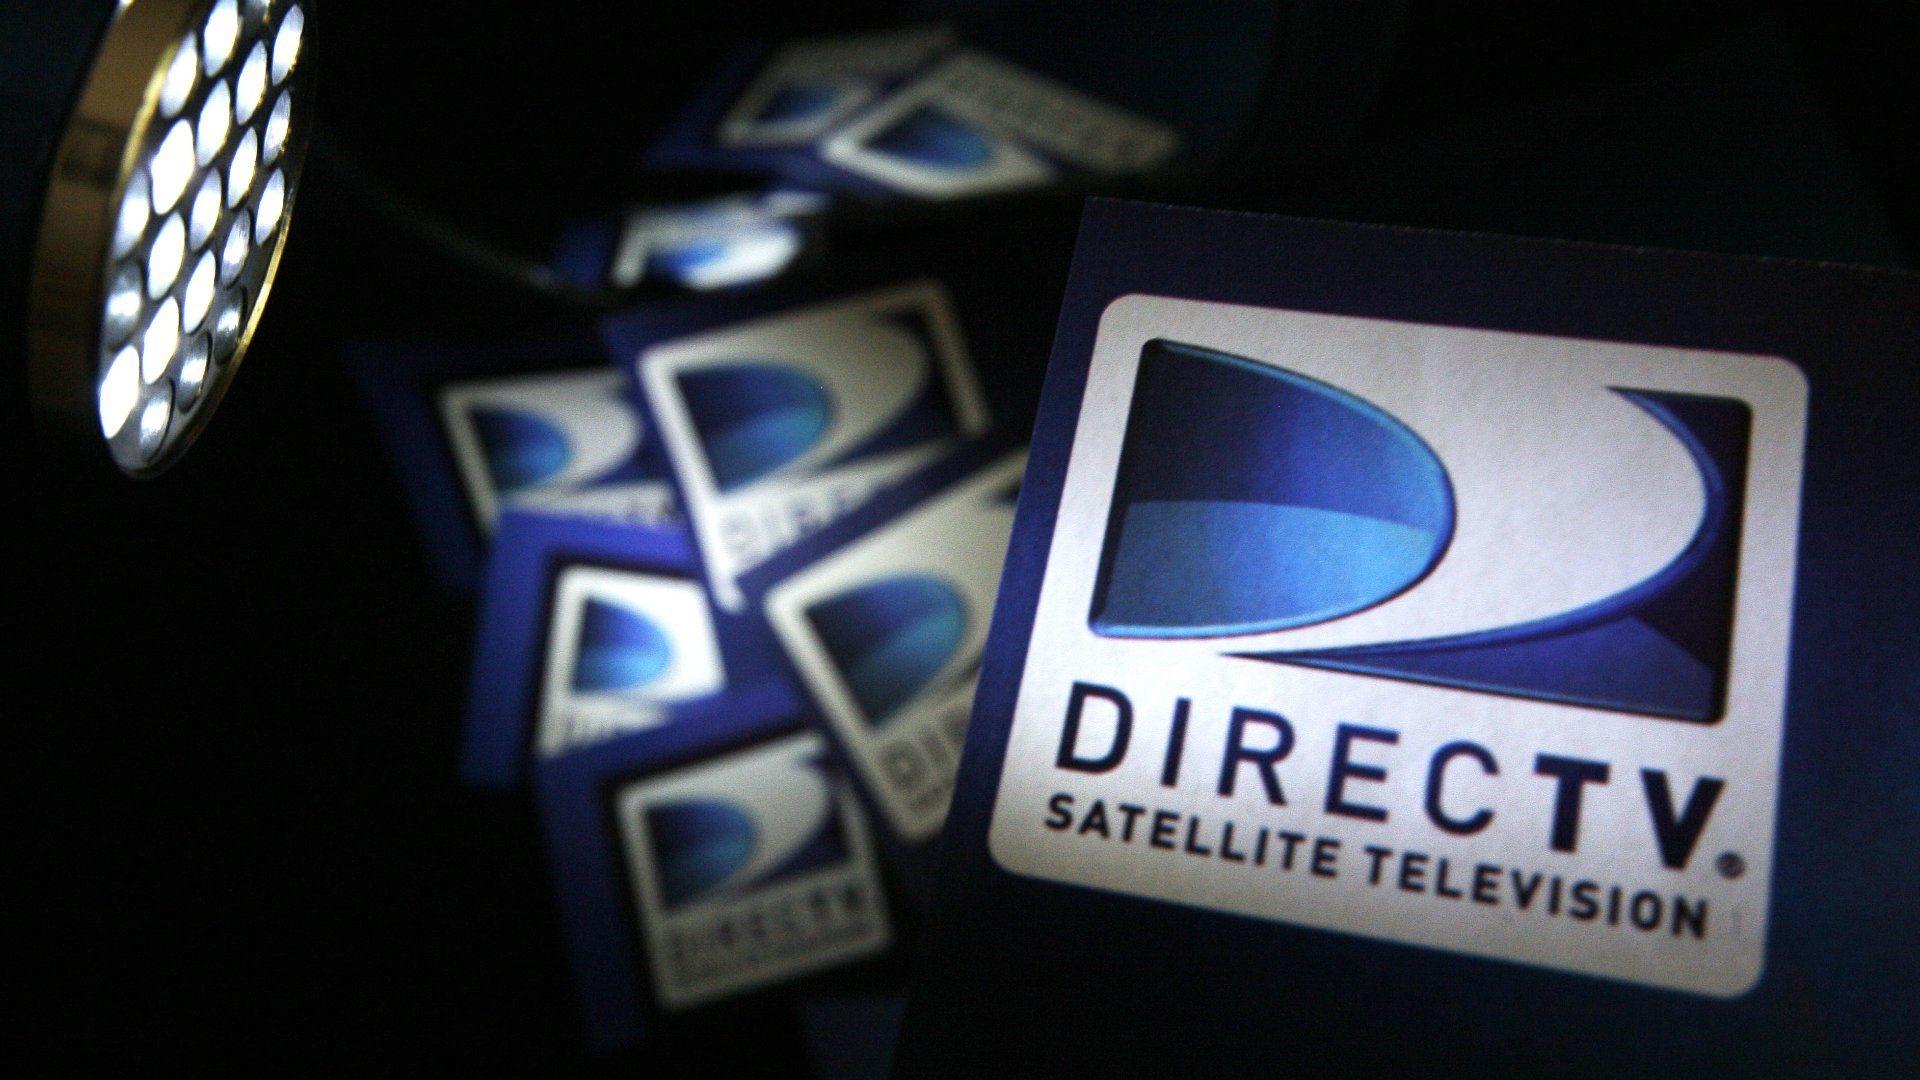 Simple TV, el nuevo nombre con el que operará Directv en ...